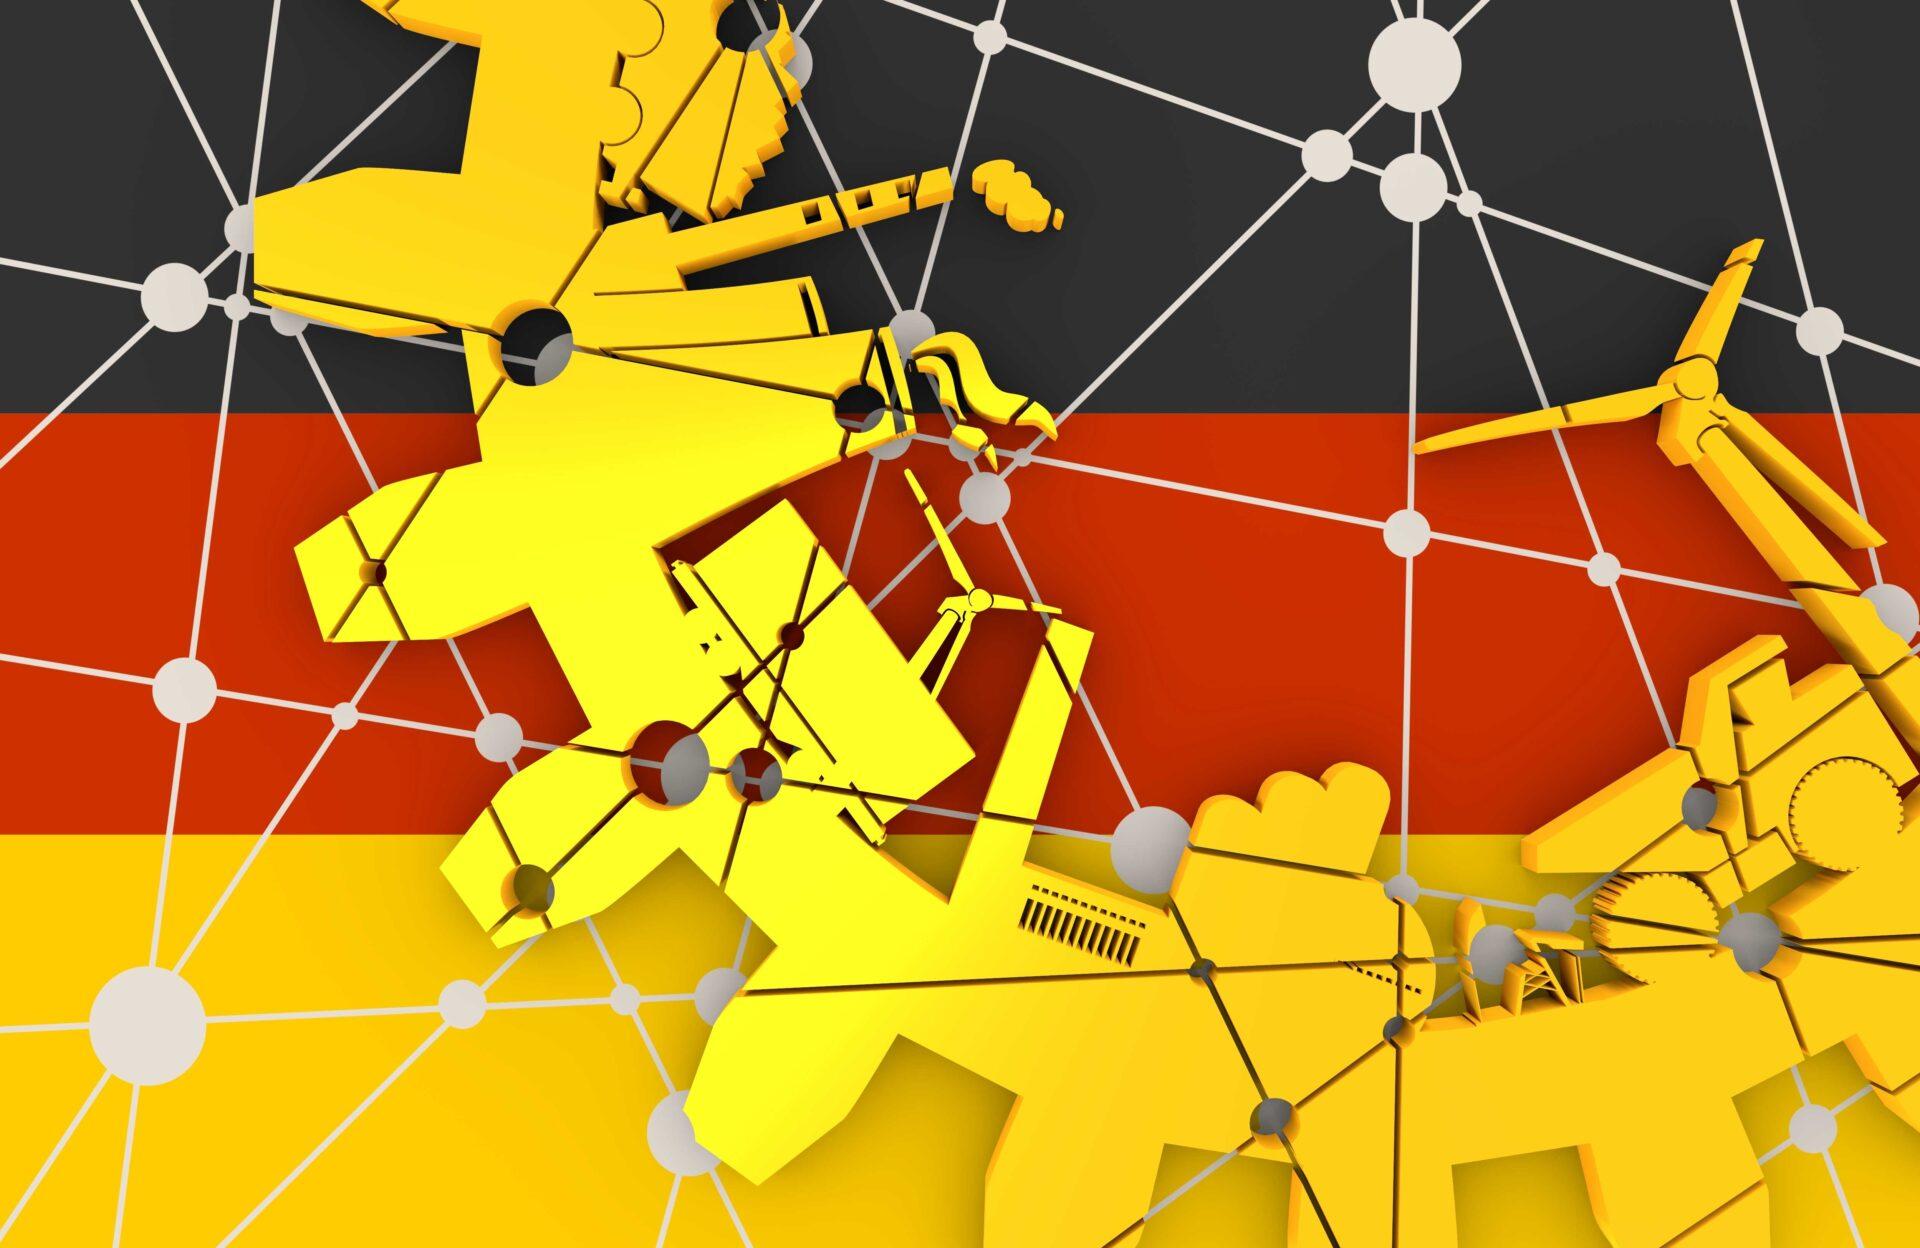 roue de mécanisme avec les différentes types d'industries et les secteurs économiques allemands